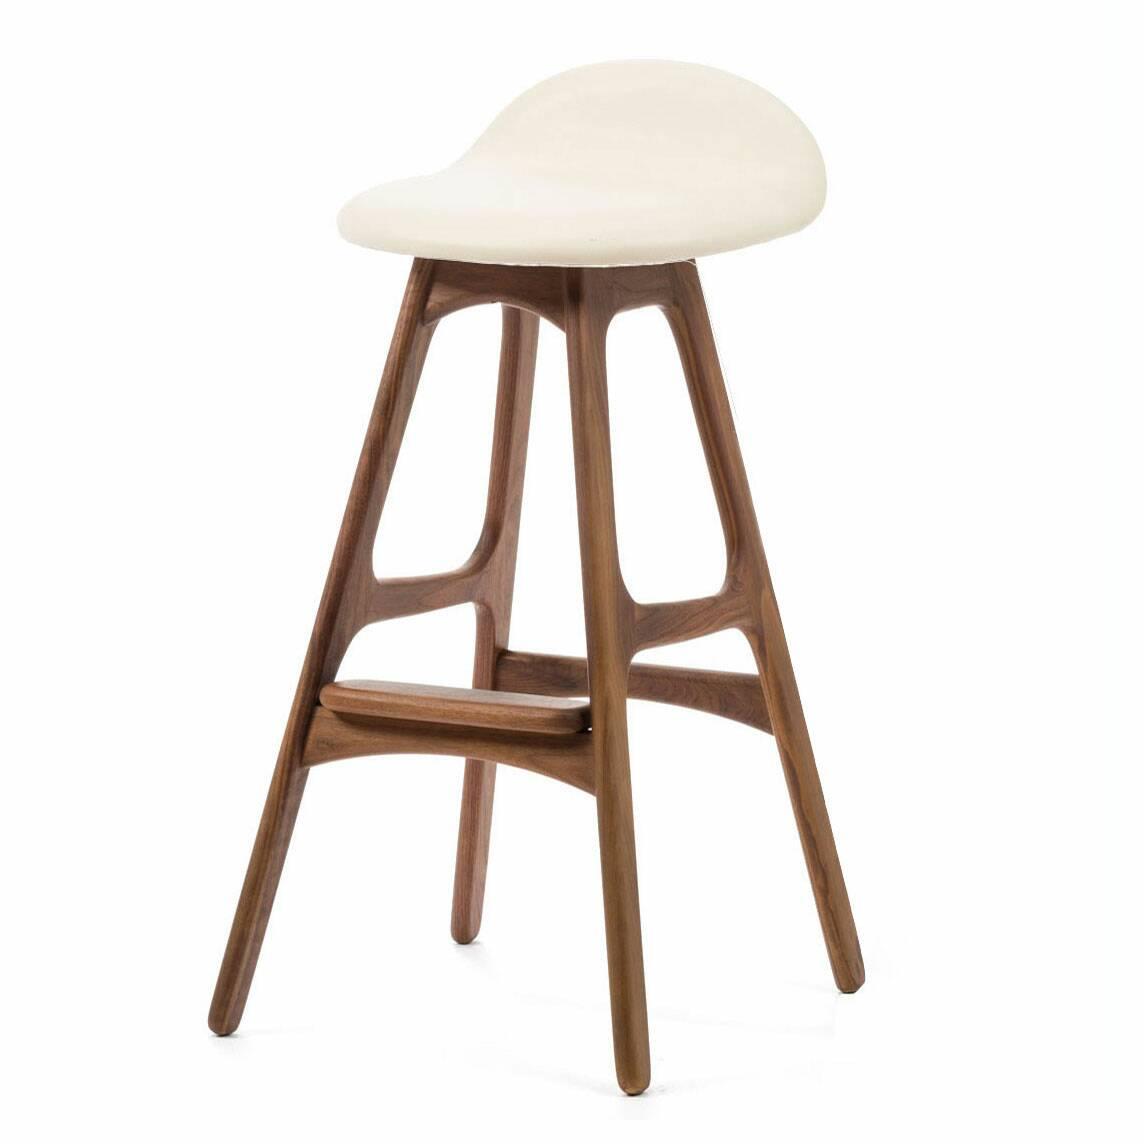 Барный стул Buch 3Барные<br>Дизайнерский барный стул Buch (Буш) без подлокотников на деревянных ножках от Cosmo (Космо).<br> Высокий барный стул Buch 3 создан еще в 1960 году дизайнером Эриком Буком, который посвятил всю свою жизнь дизайну и архитектуре. У Эрика Бука было свыше 30 коммерчески успешных дизайн-проектов, среди которых самым успешным стал именно этот барный стул, который нашел свое место в миллионах домов по всему миру. Сегодня же стулья, сконструированные Эриком Буком, по-прежнему производятся на фабриках в...<br><br>stock: 0<br>Высота: 85,5<br>Высота сиденья: 75<br>Ширина: 40<br>Глубина: 45<br>Цвет ножек: Орех<br>Материал ножек: Массив ореха<br>Цвет сидения: Белый<br>Тип материала сидения: Кожа<br>Тип материала ножек: Дерево